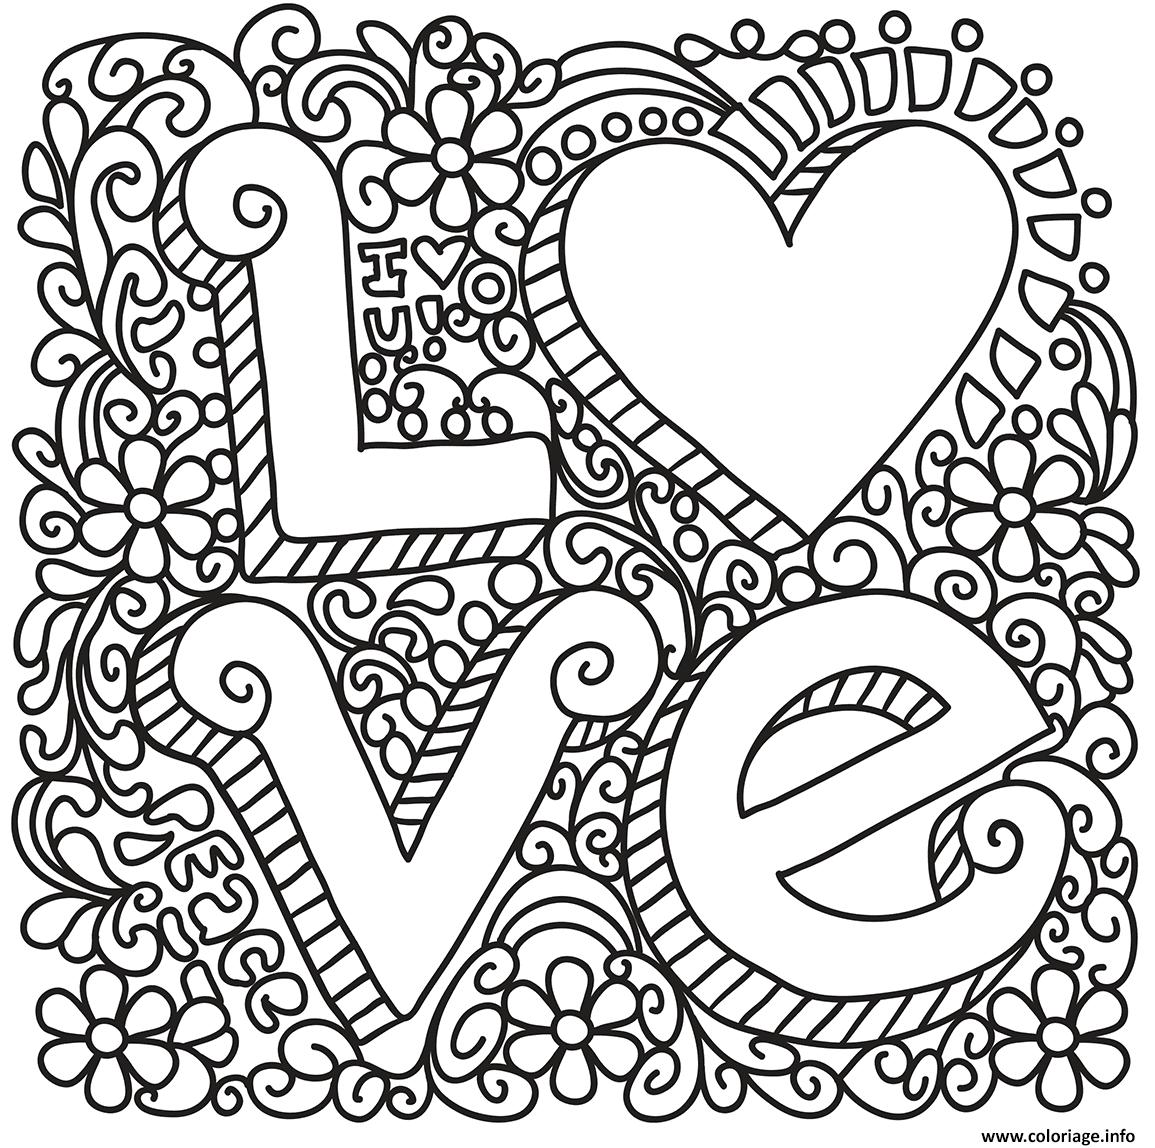 Coloriage Love Zentangle St Valentin dessin